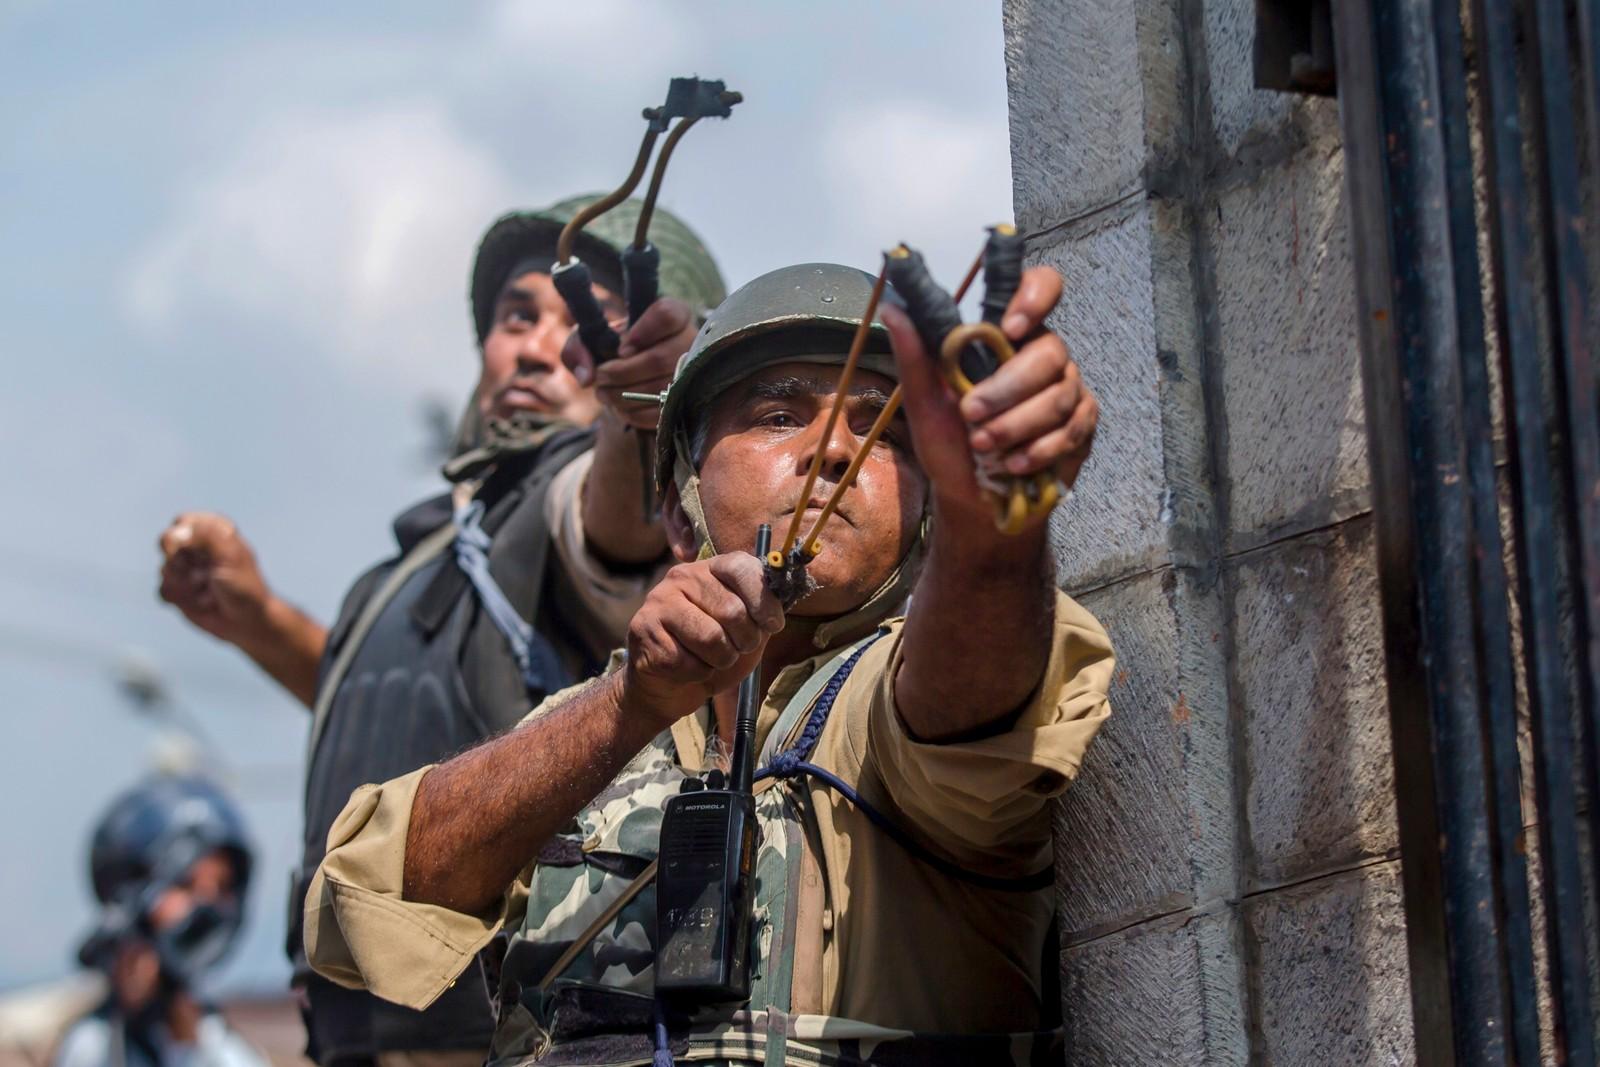 Indiske soldater skyter klinkekuler mot kasjmirske demonstranter i Srinagar. De demonstrerer mot det indiske styret i regionen.